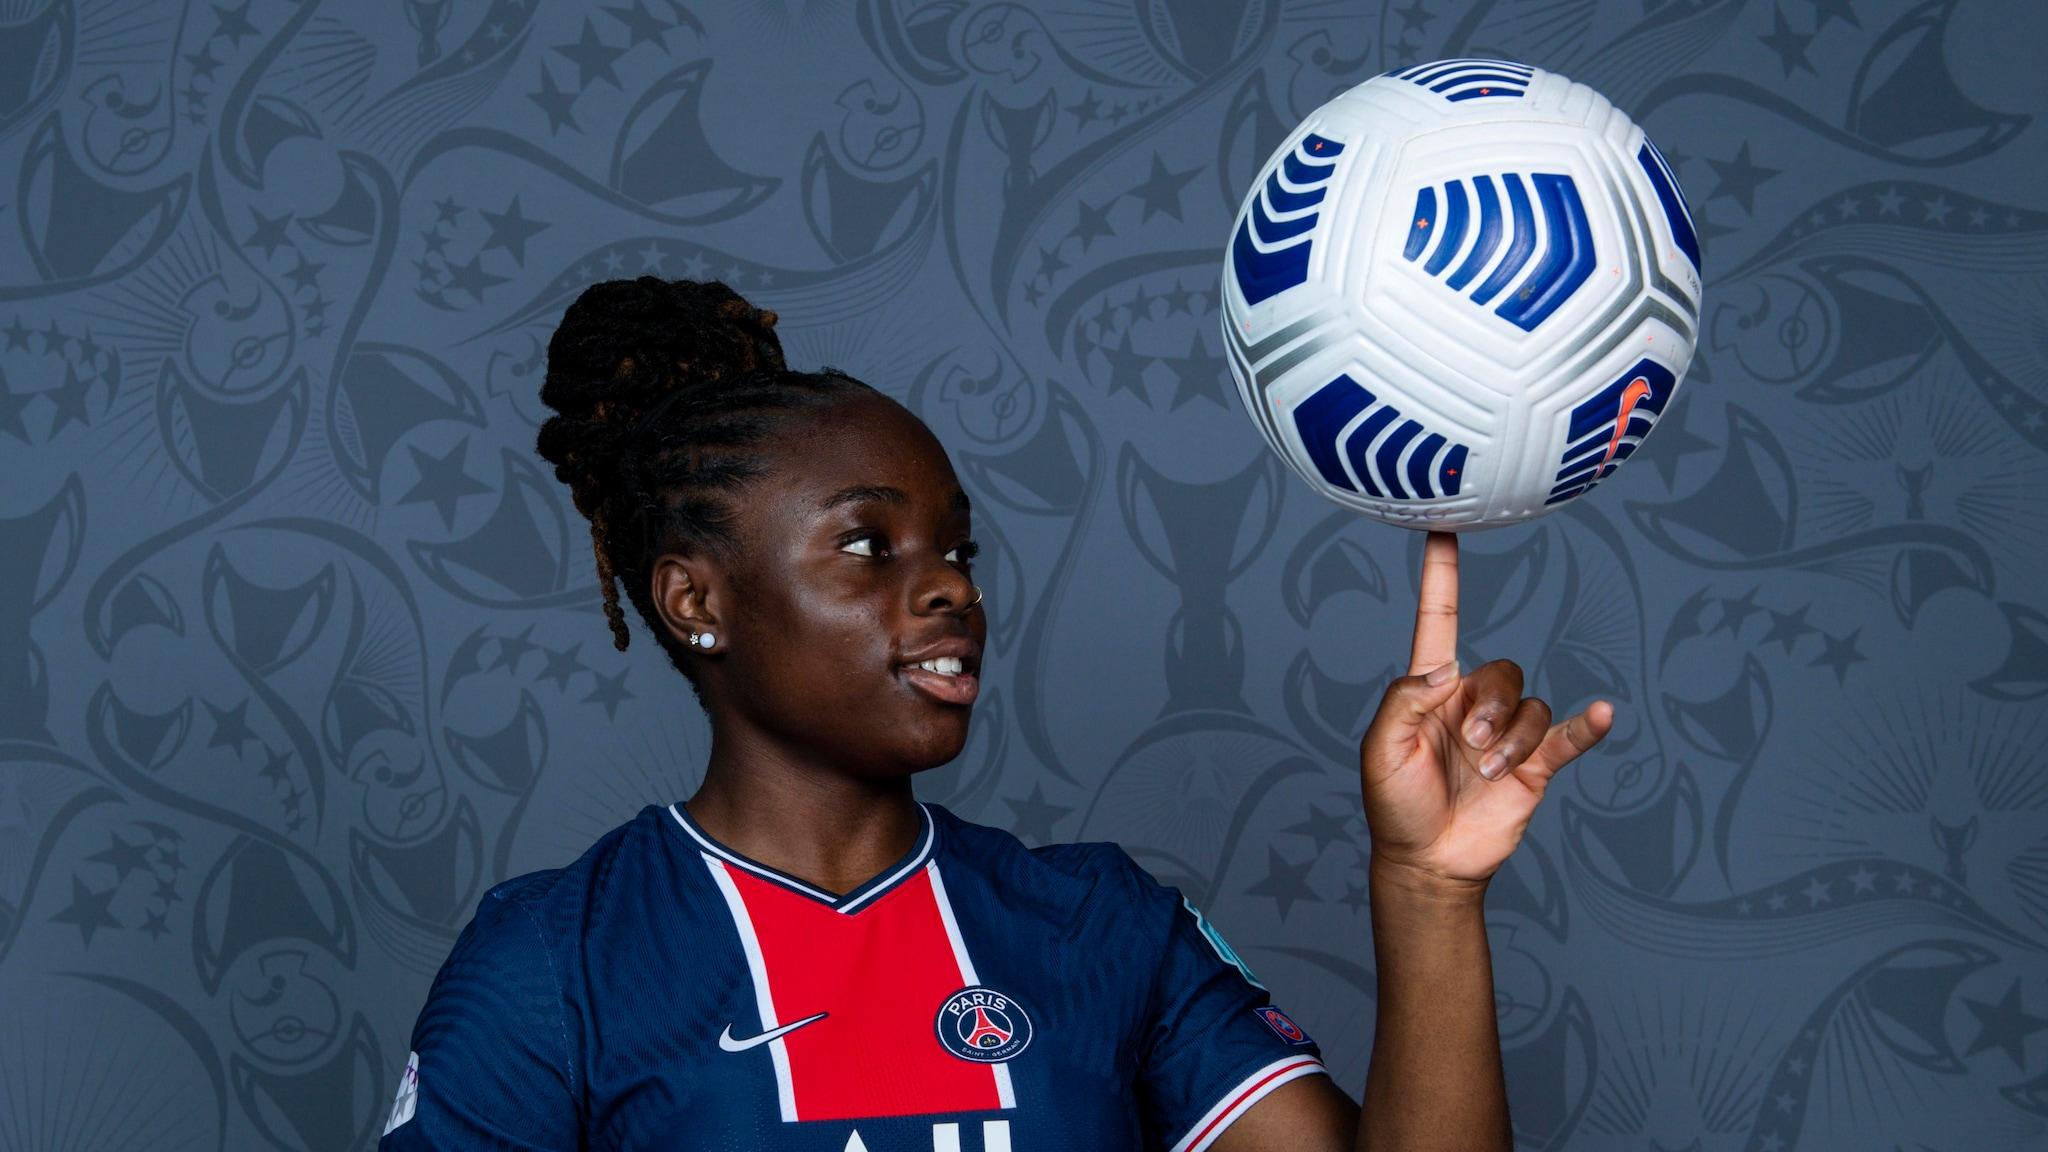 Paris Saint-Germain vs Barcelona Women's Champions League preview